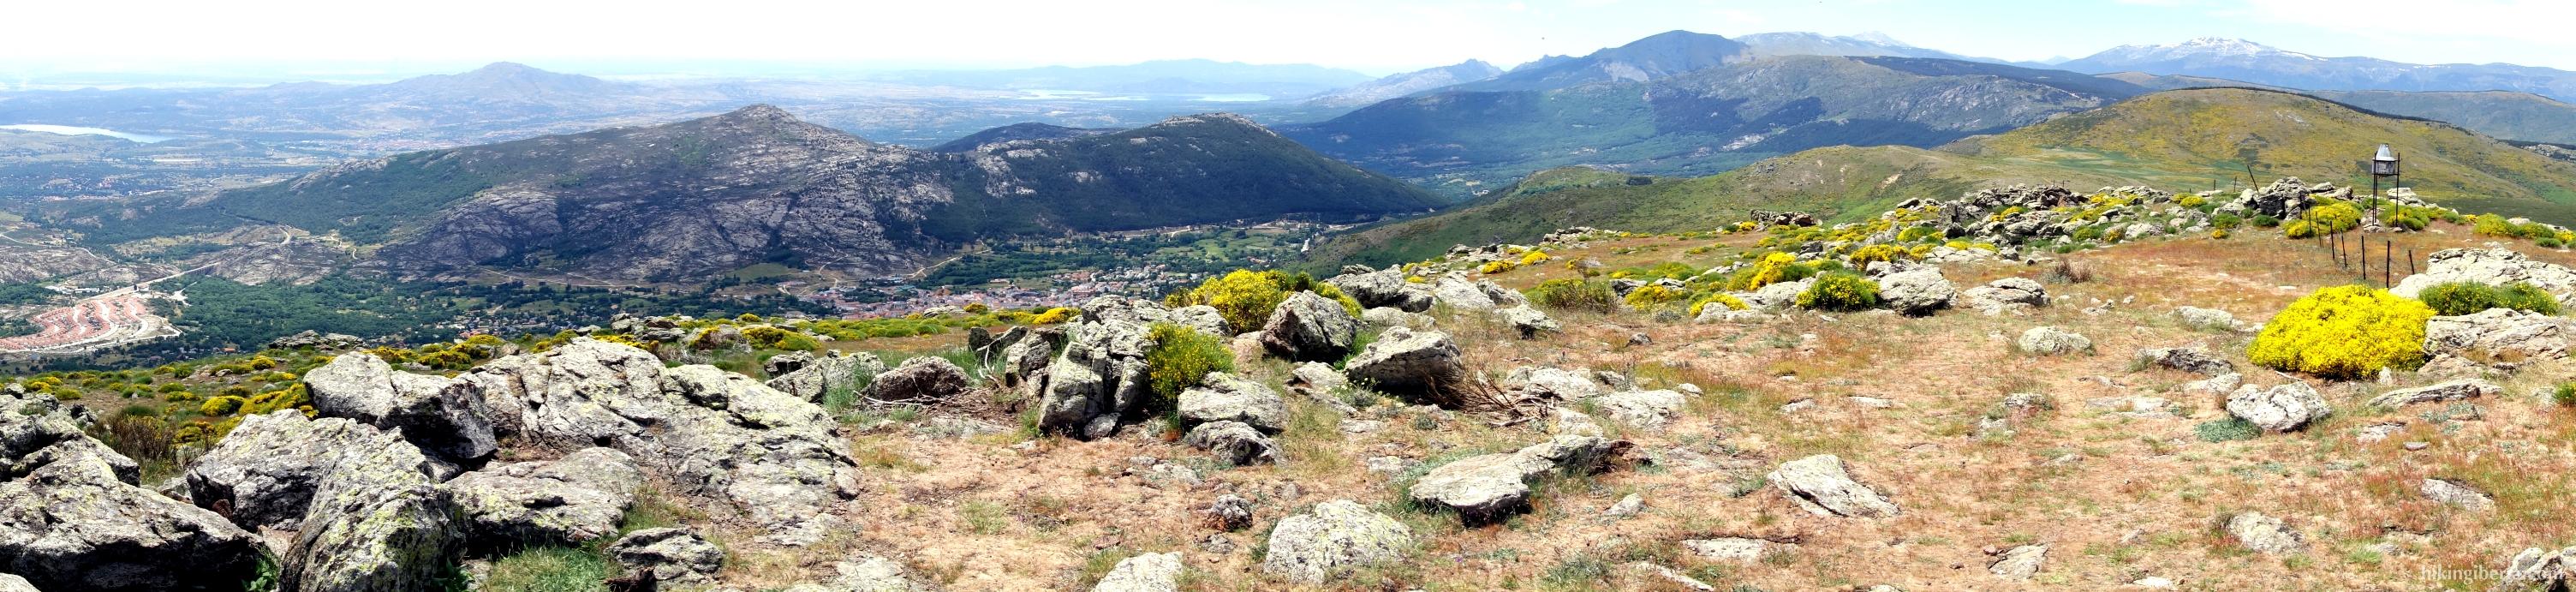 Mondalindo (korte route)